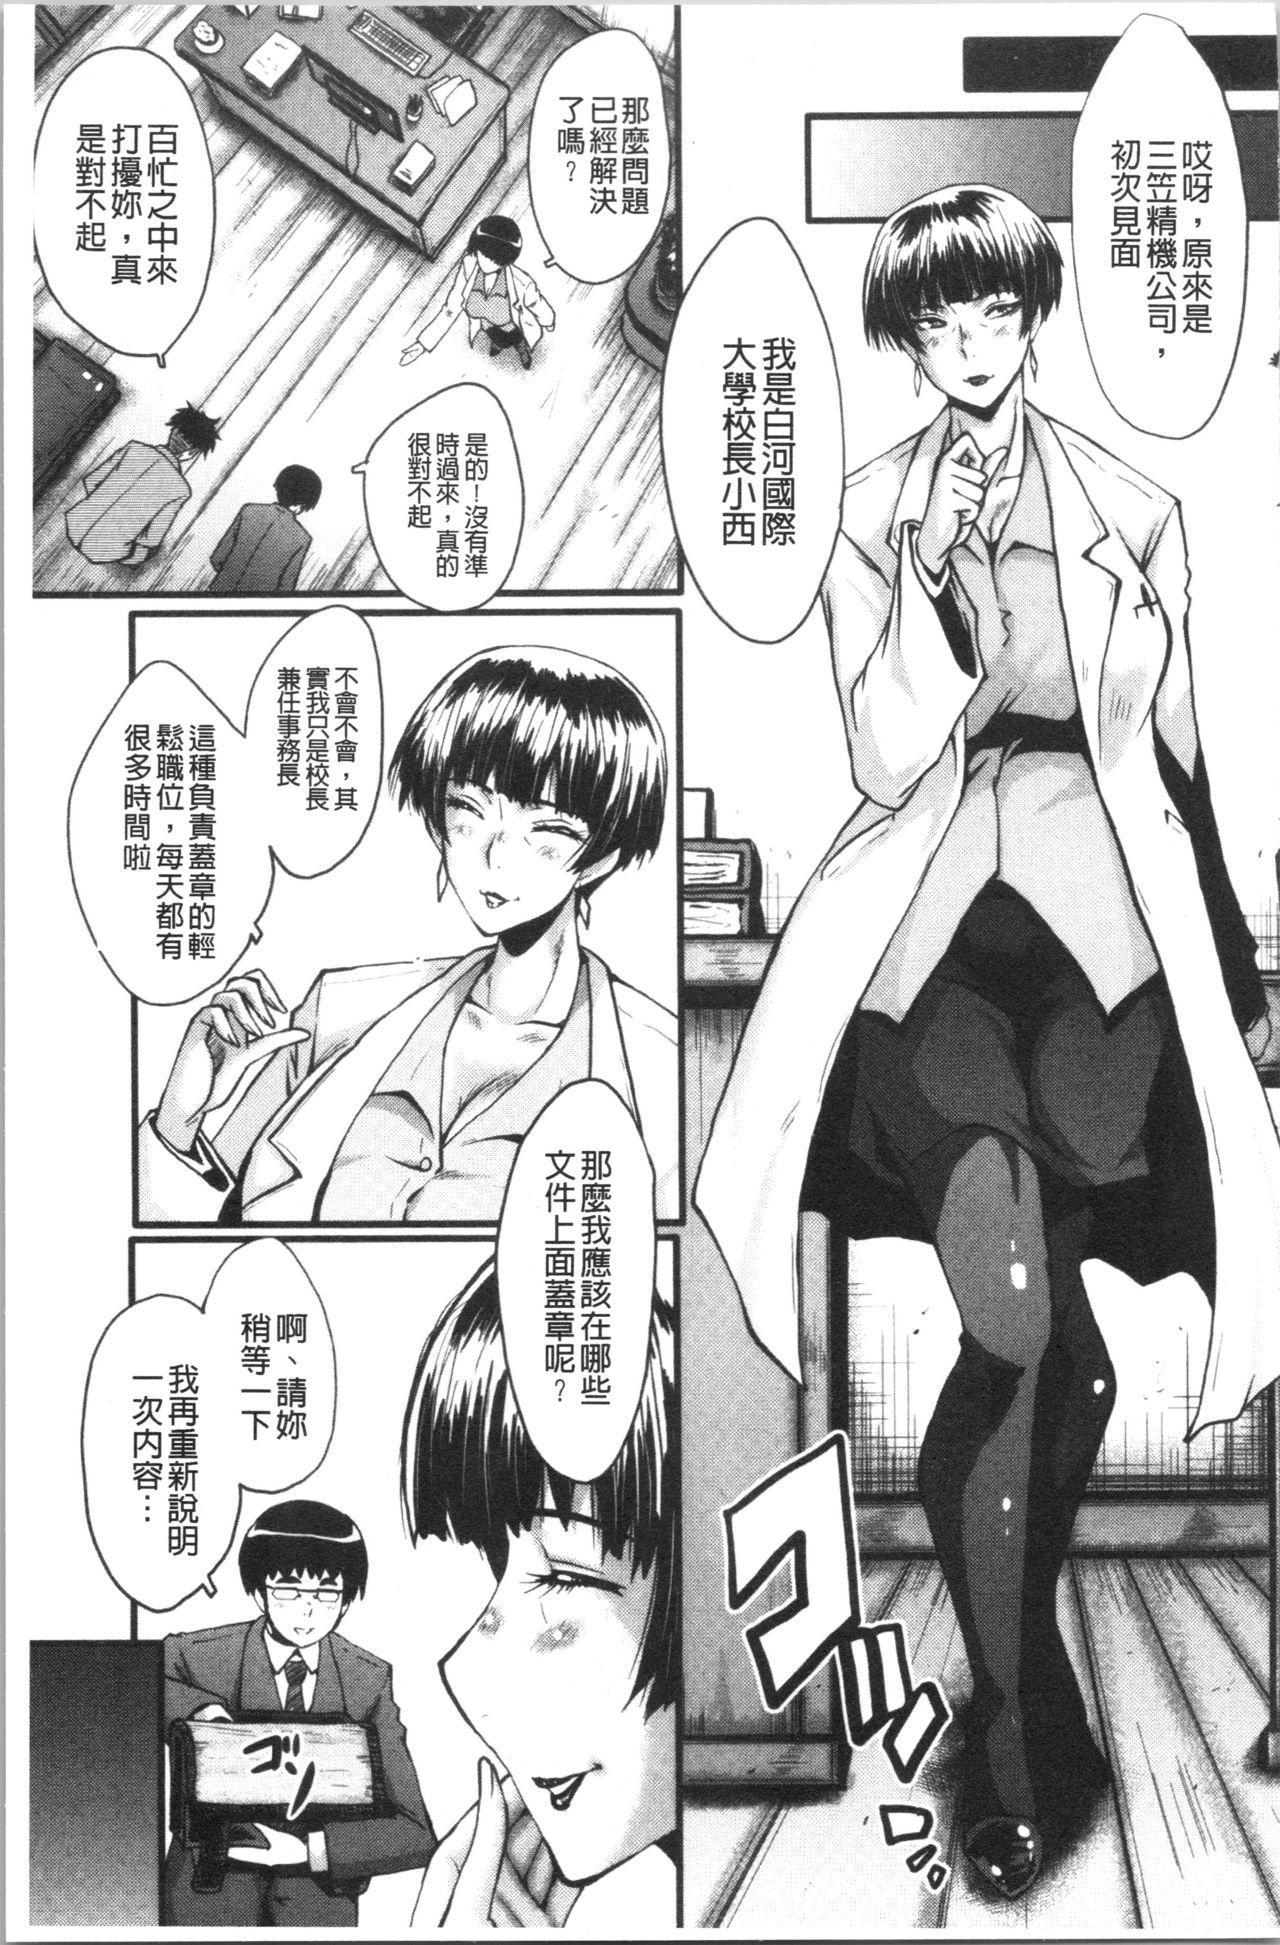 Bokuno Kanojo ga Kusogaki ni Netorareta Hanashi 14